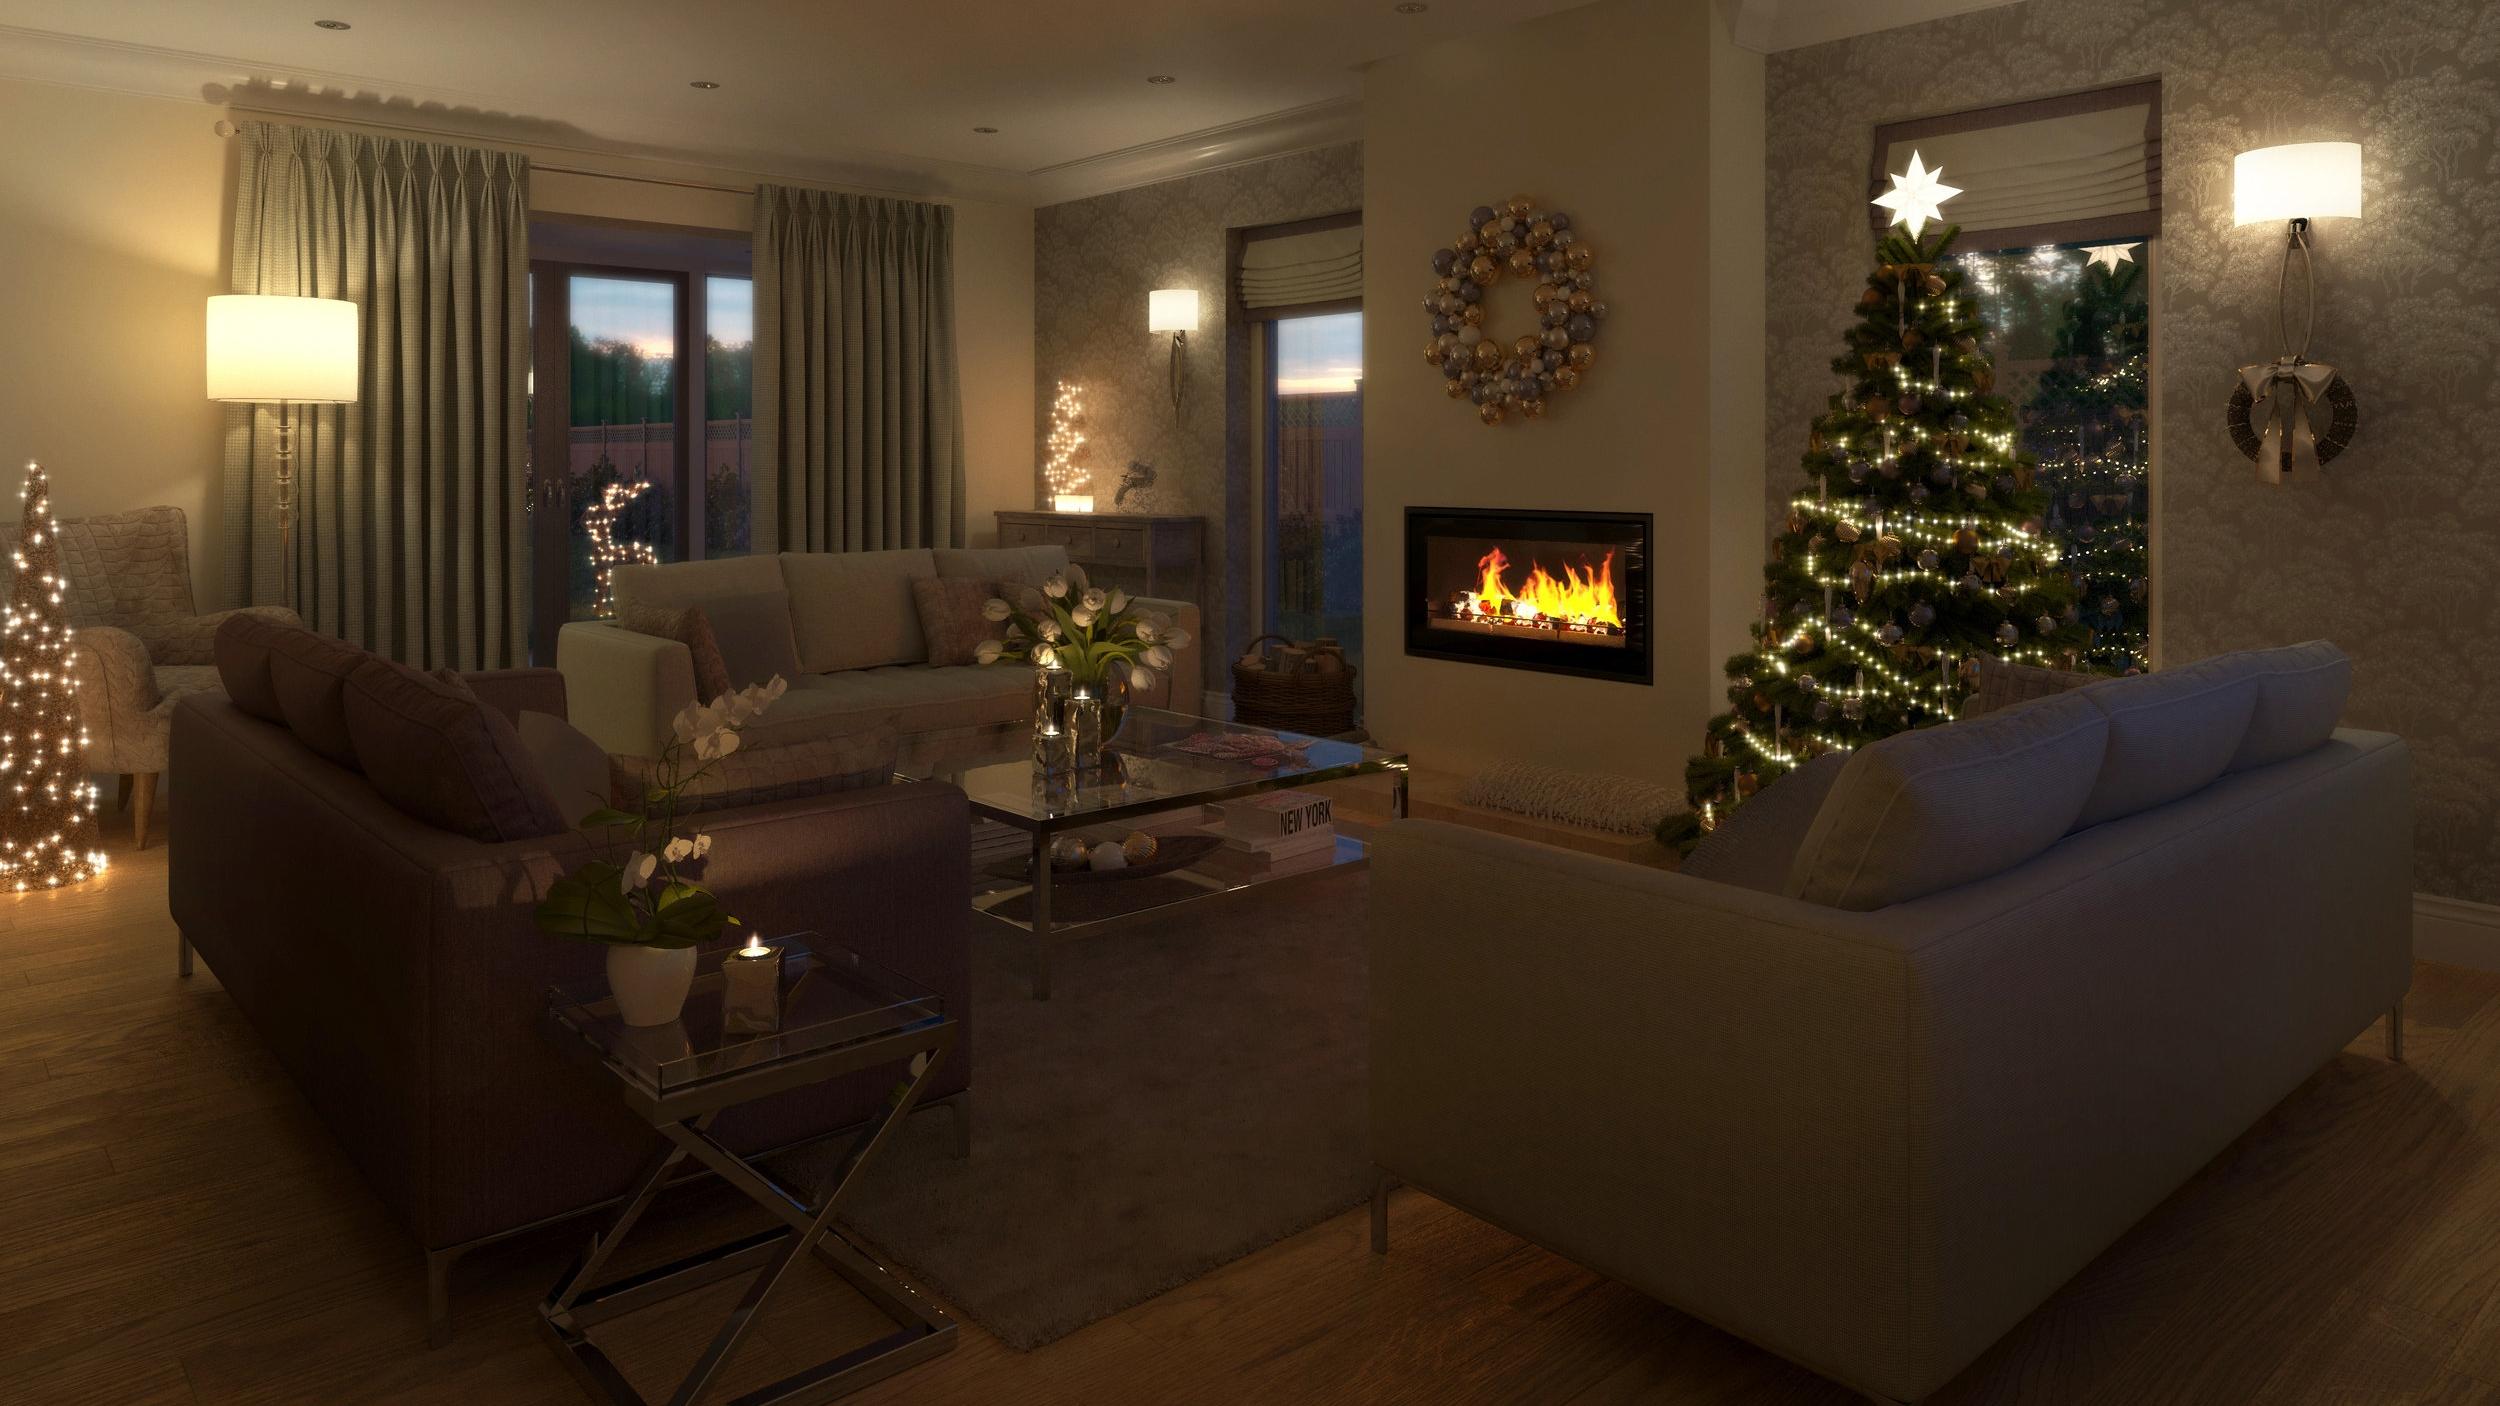 002_MJEstates_Netherwoods_PlotB_Lounge_Christmas.jpg